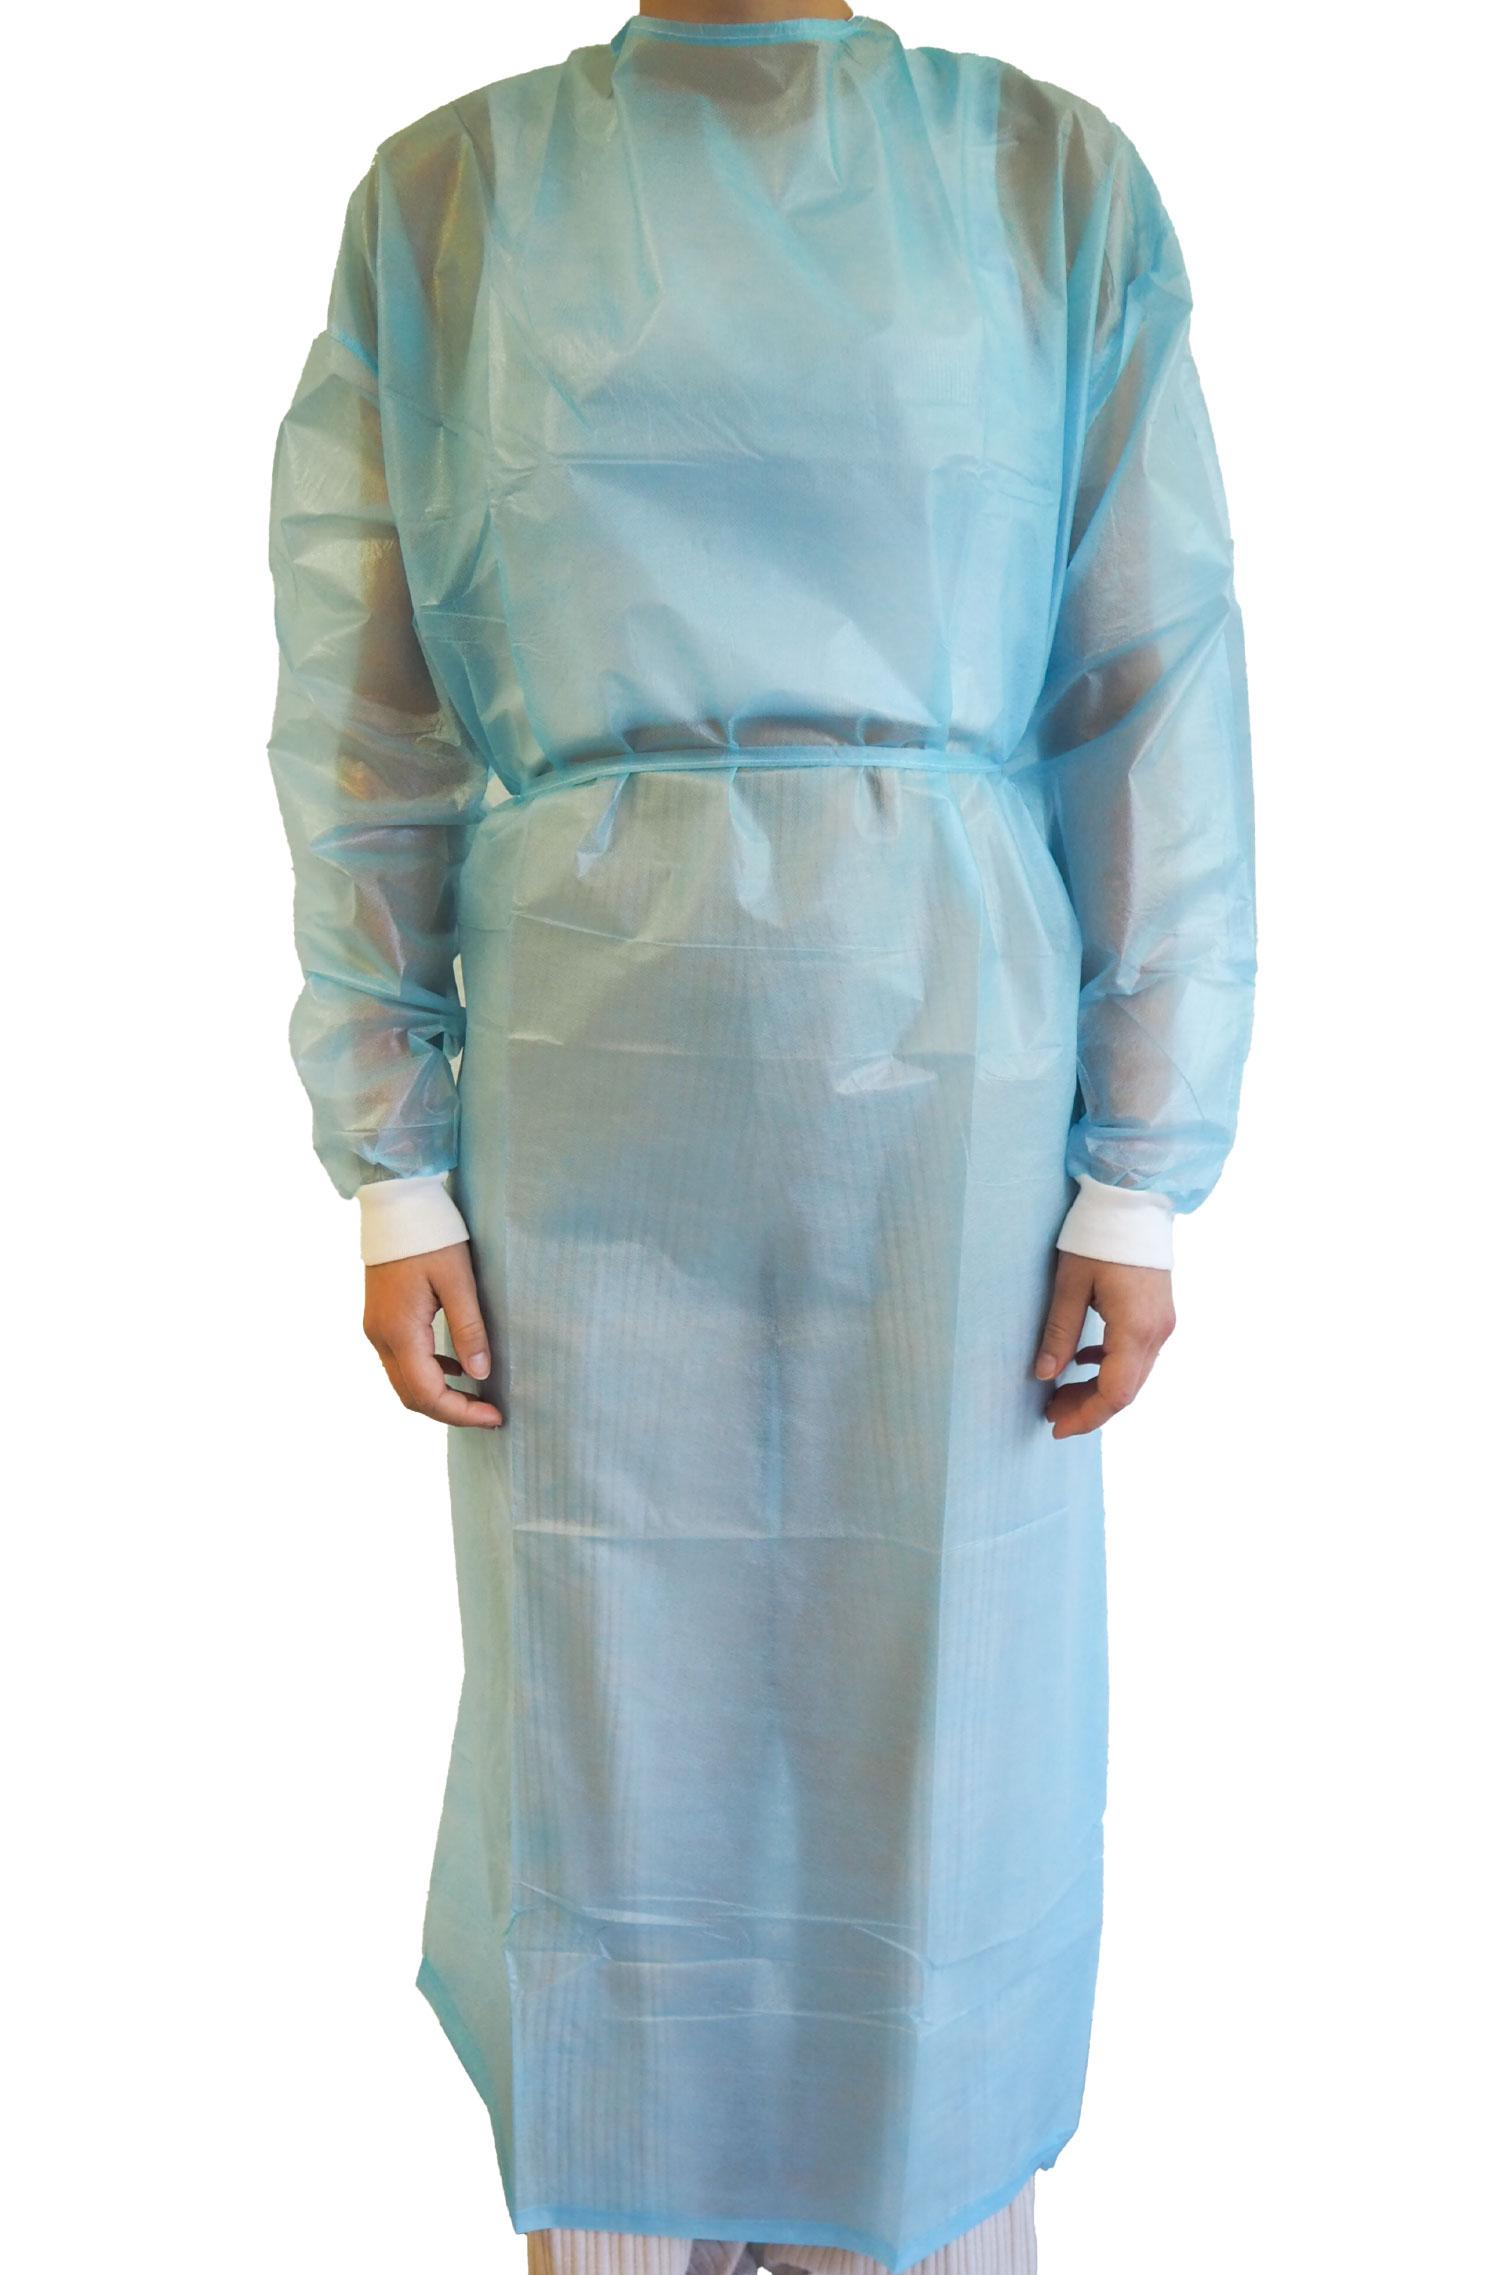 Body Products PP-Schutzkittel mit PE Laminierung | blau | 139x139cm